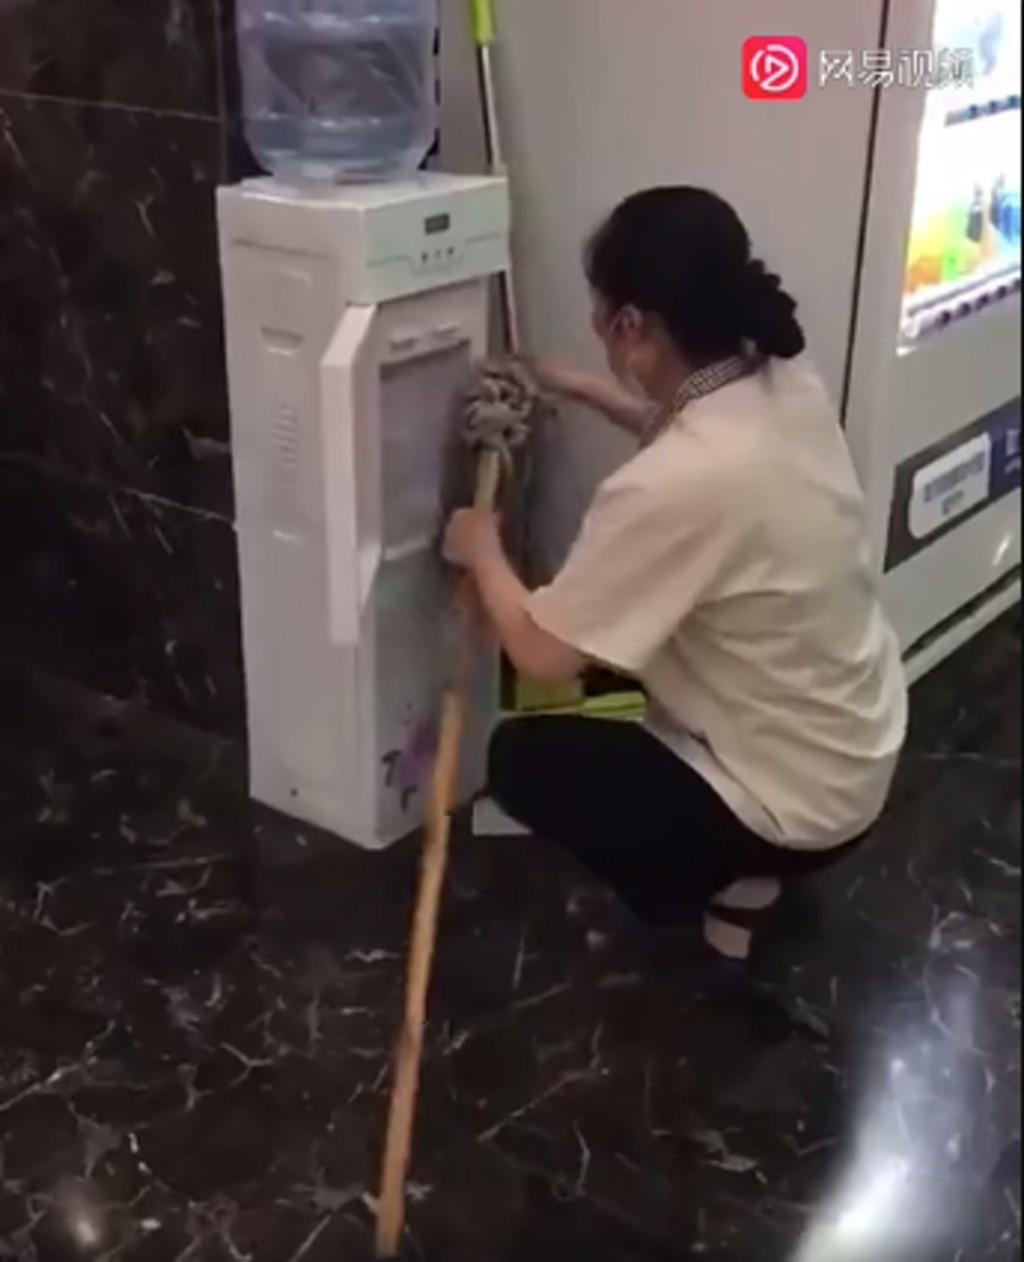 大媽「用拖把狂擦飲水機」嚇壞網友...連出水口也大力抹!